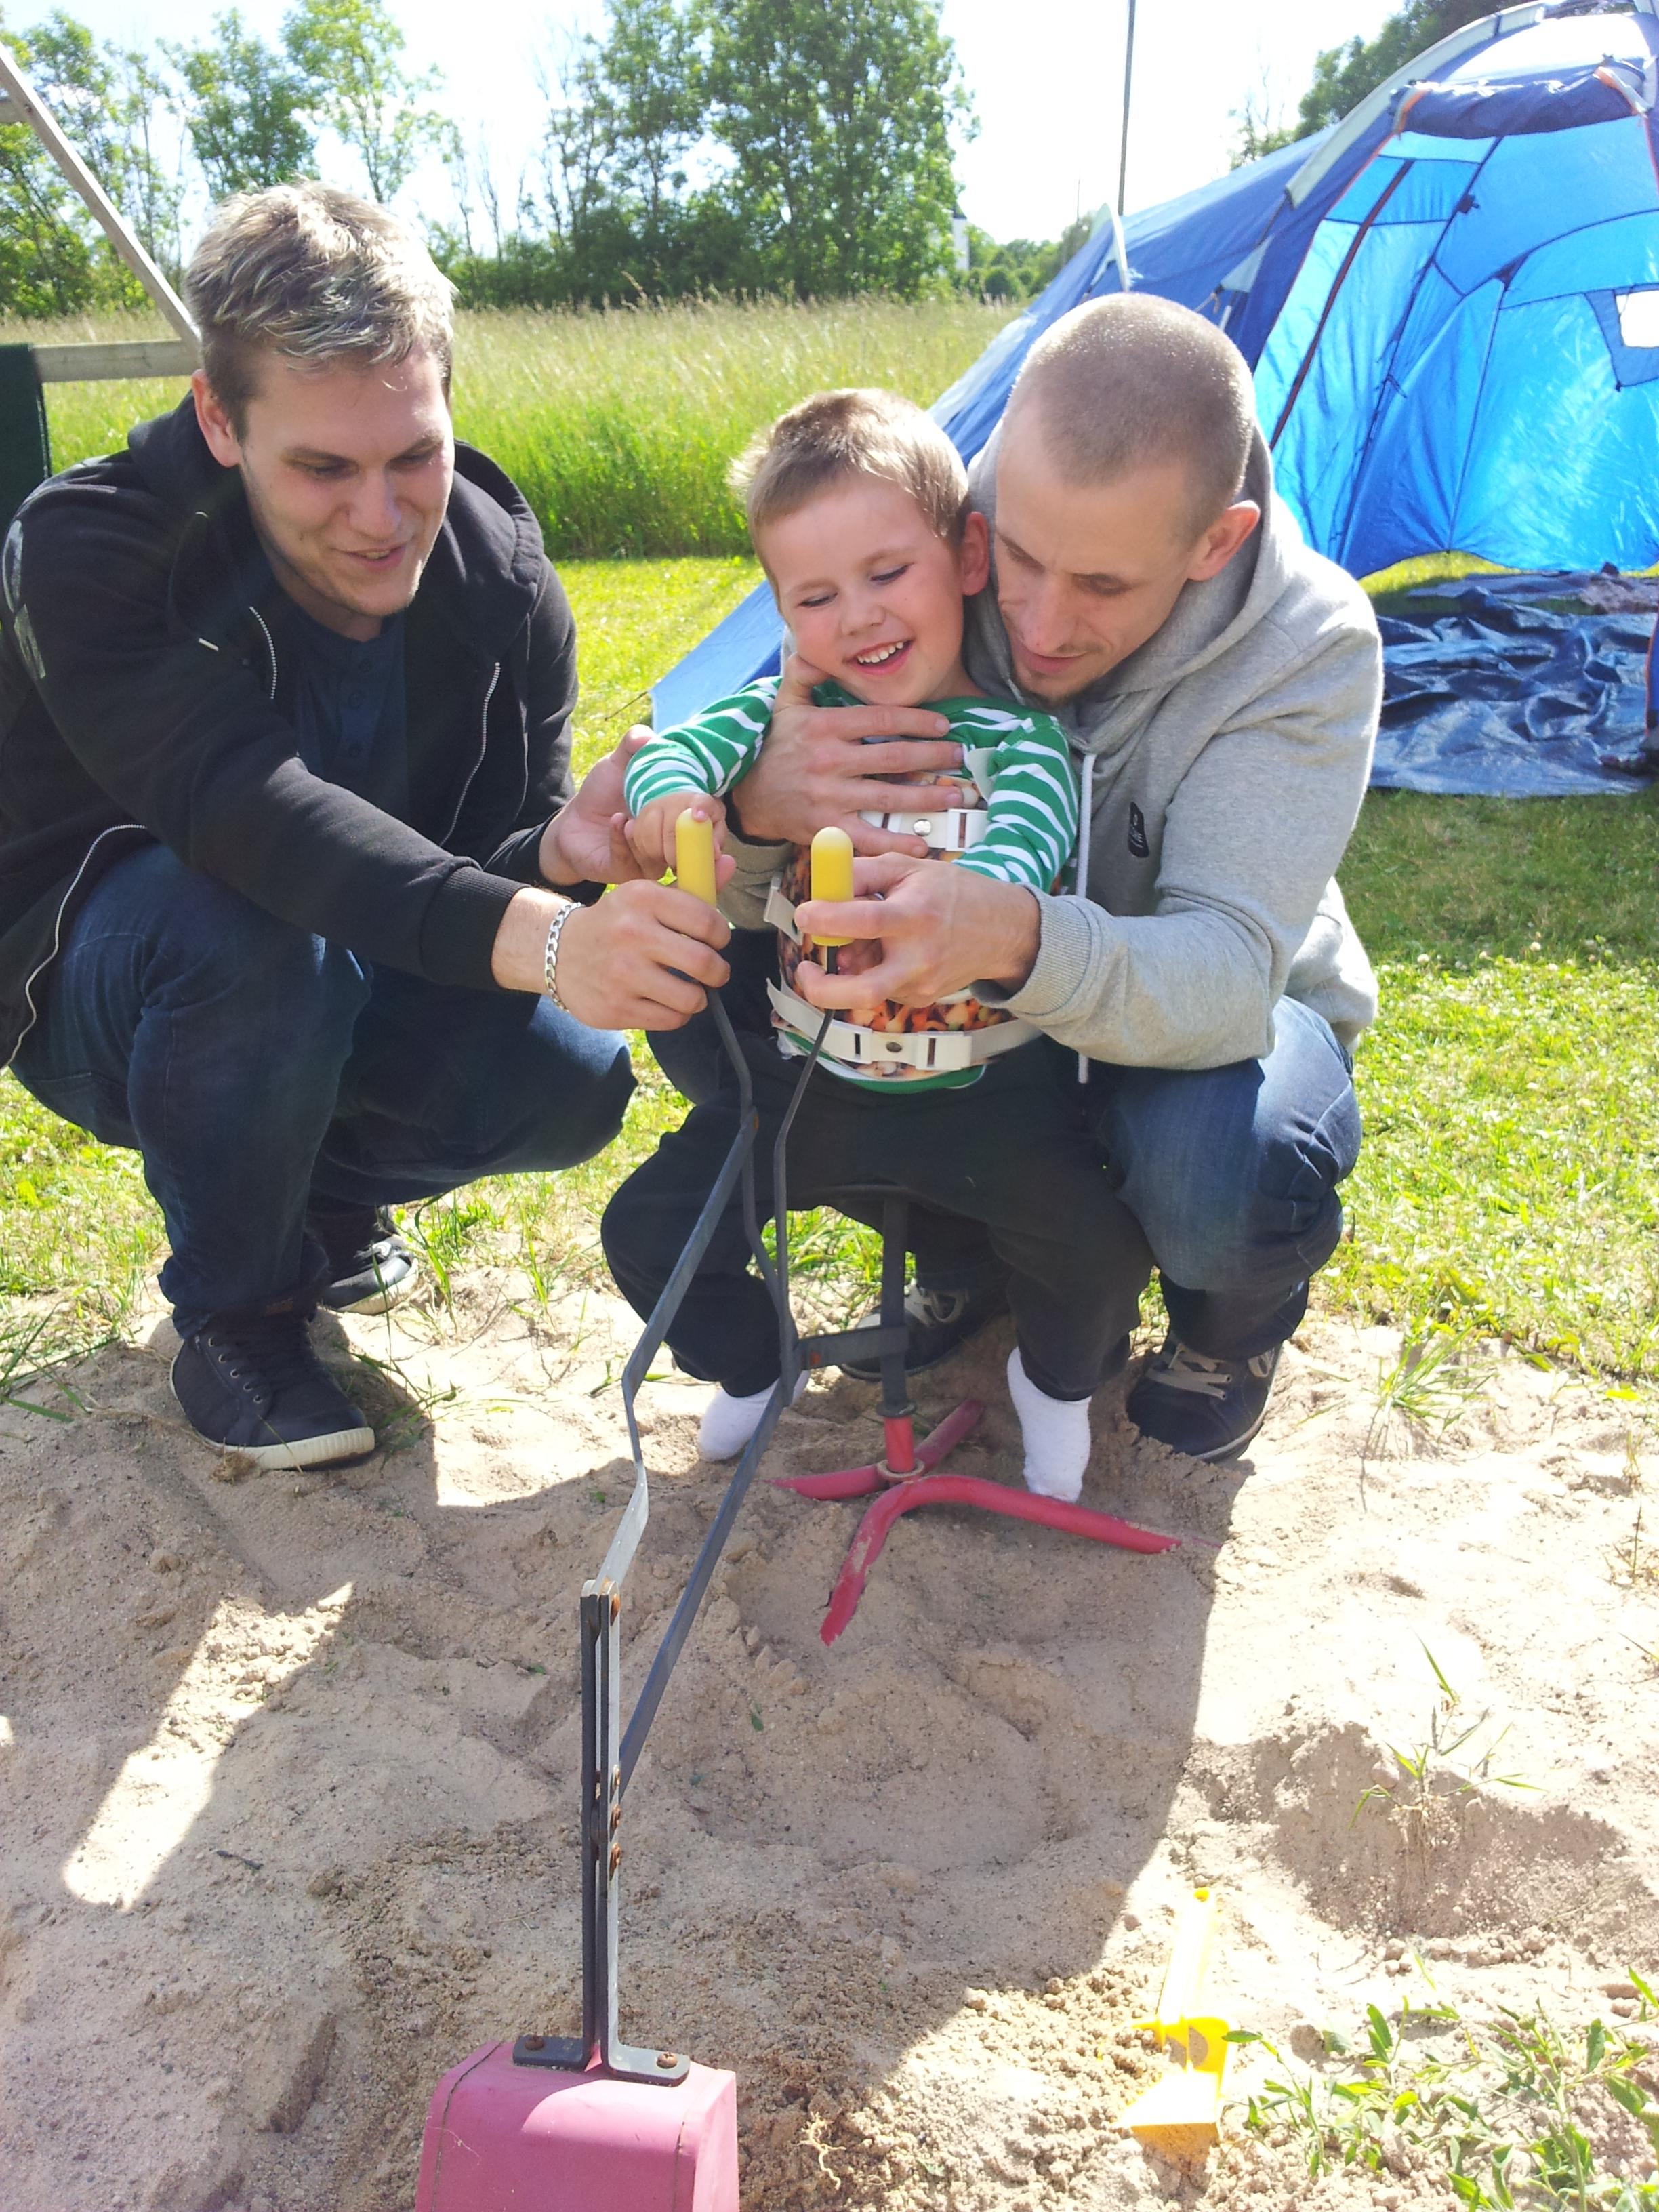 Här ärOskar med sin pappa och en assistent som hjälper honom att sitta på en grävmaskin i en sandhög. Pappa håller upp kropp och huvud, medan assistent Danne sköter spakarna med Oskars händer.